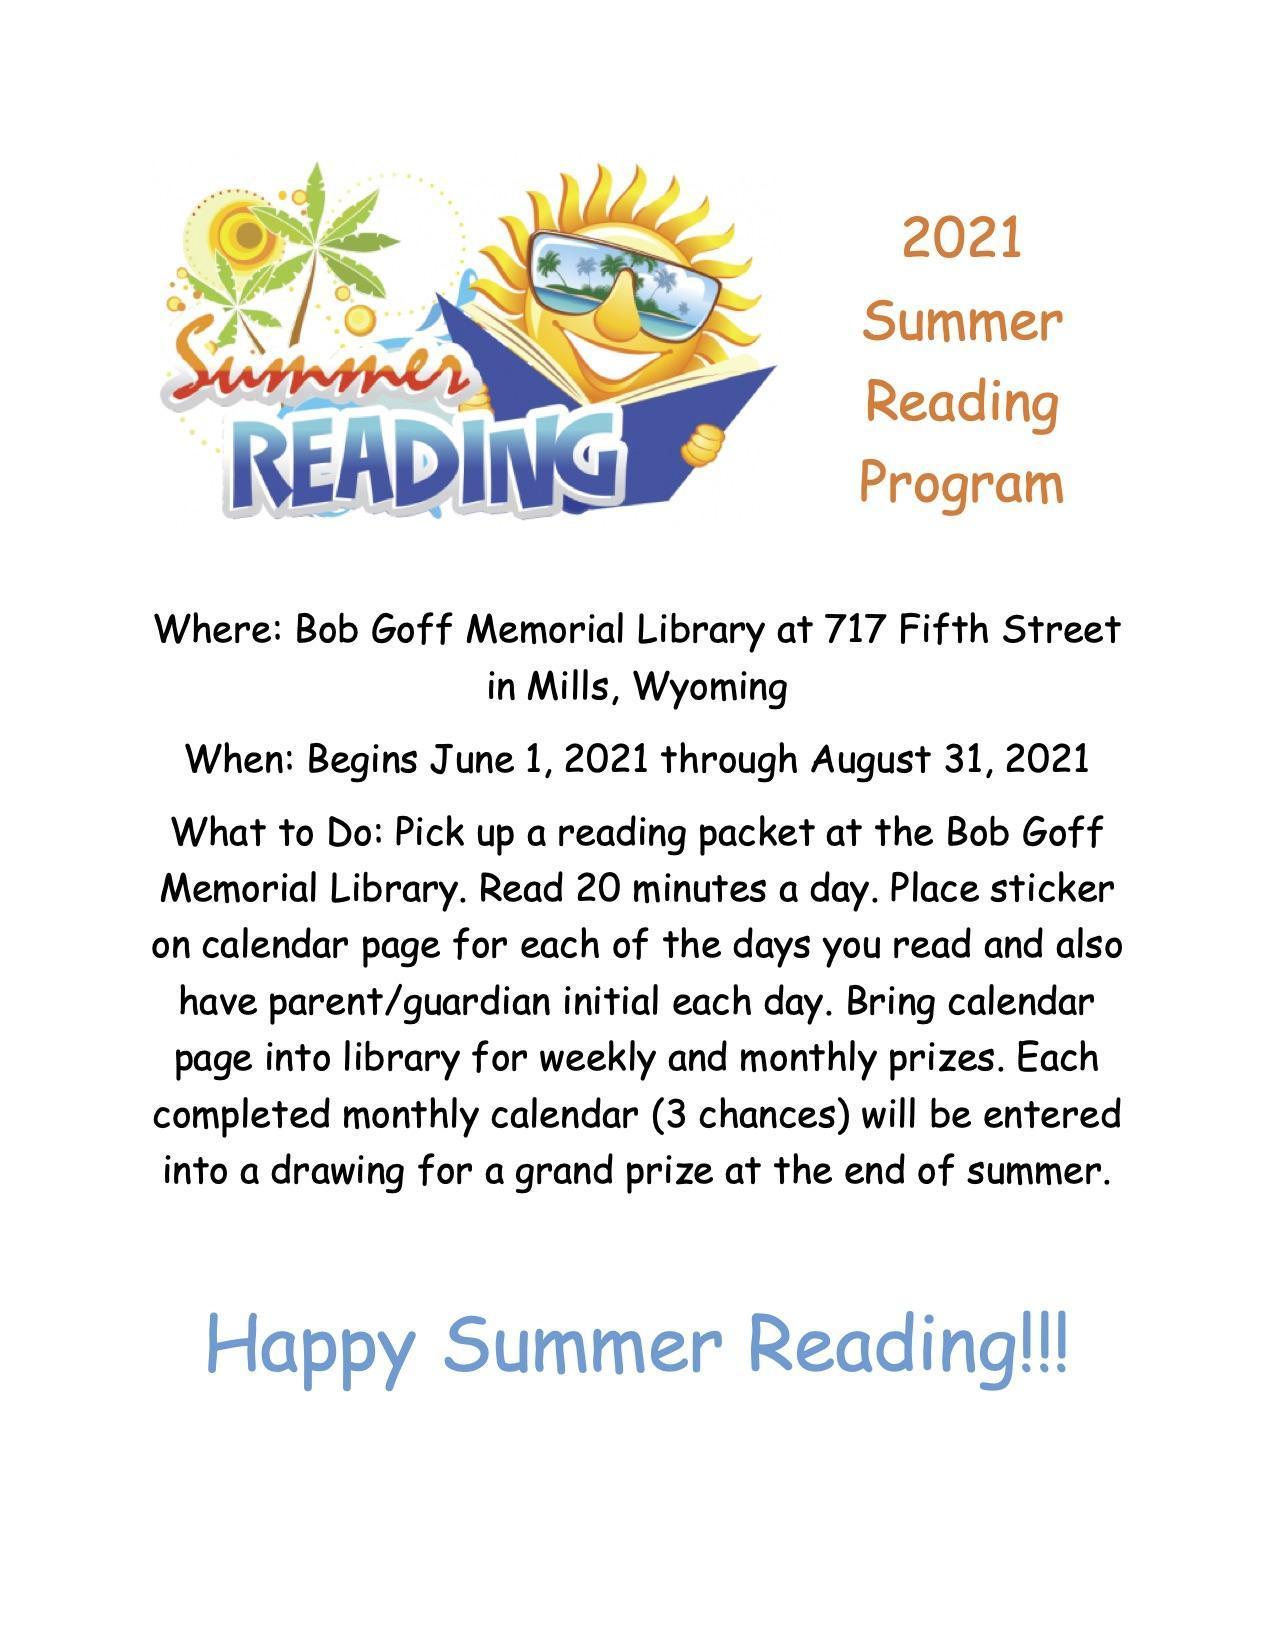 Bob Goff Memorial Library Summer Reading program flyer